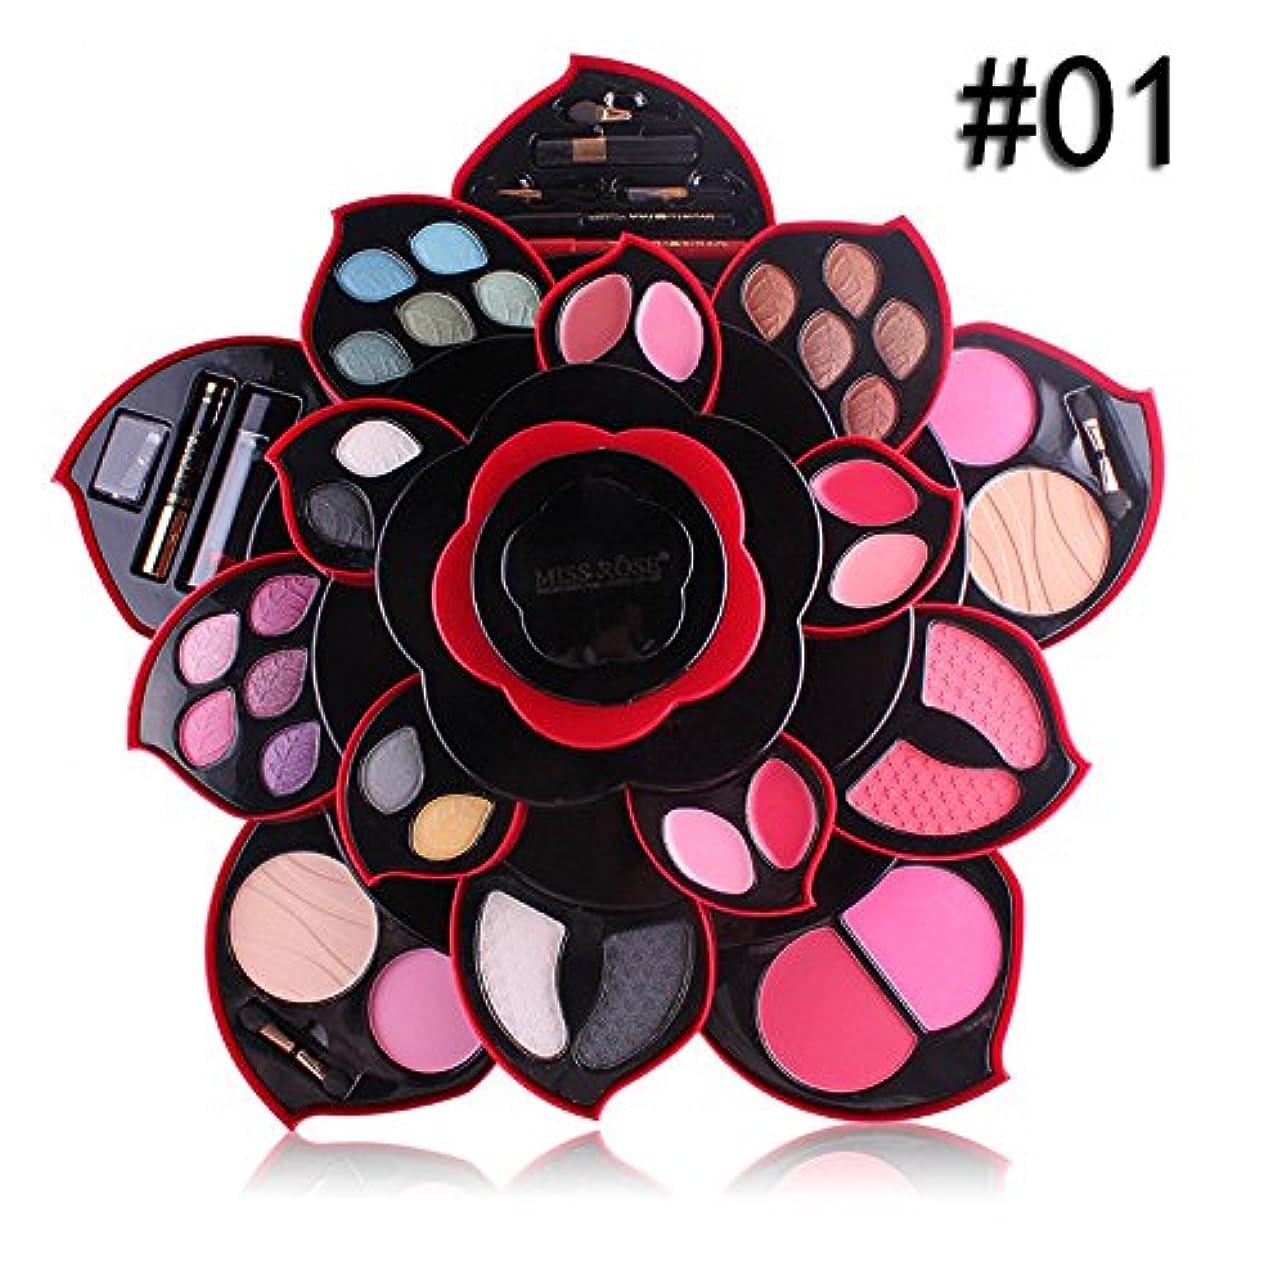 並外れたステートメント不足ビューティー アイシャドー BOBOGOJP アイシャドウセット ファッション 23色 梅の花デザイン メイクボックス 回転多機能化粧品 プロ化粧師 メイクの達人 プレゼント (A)